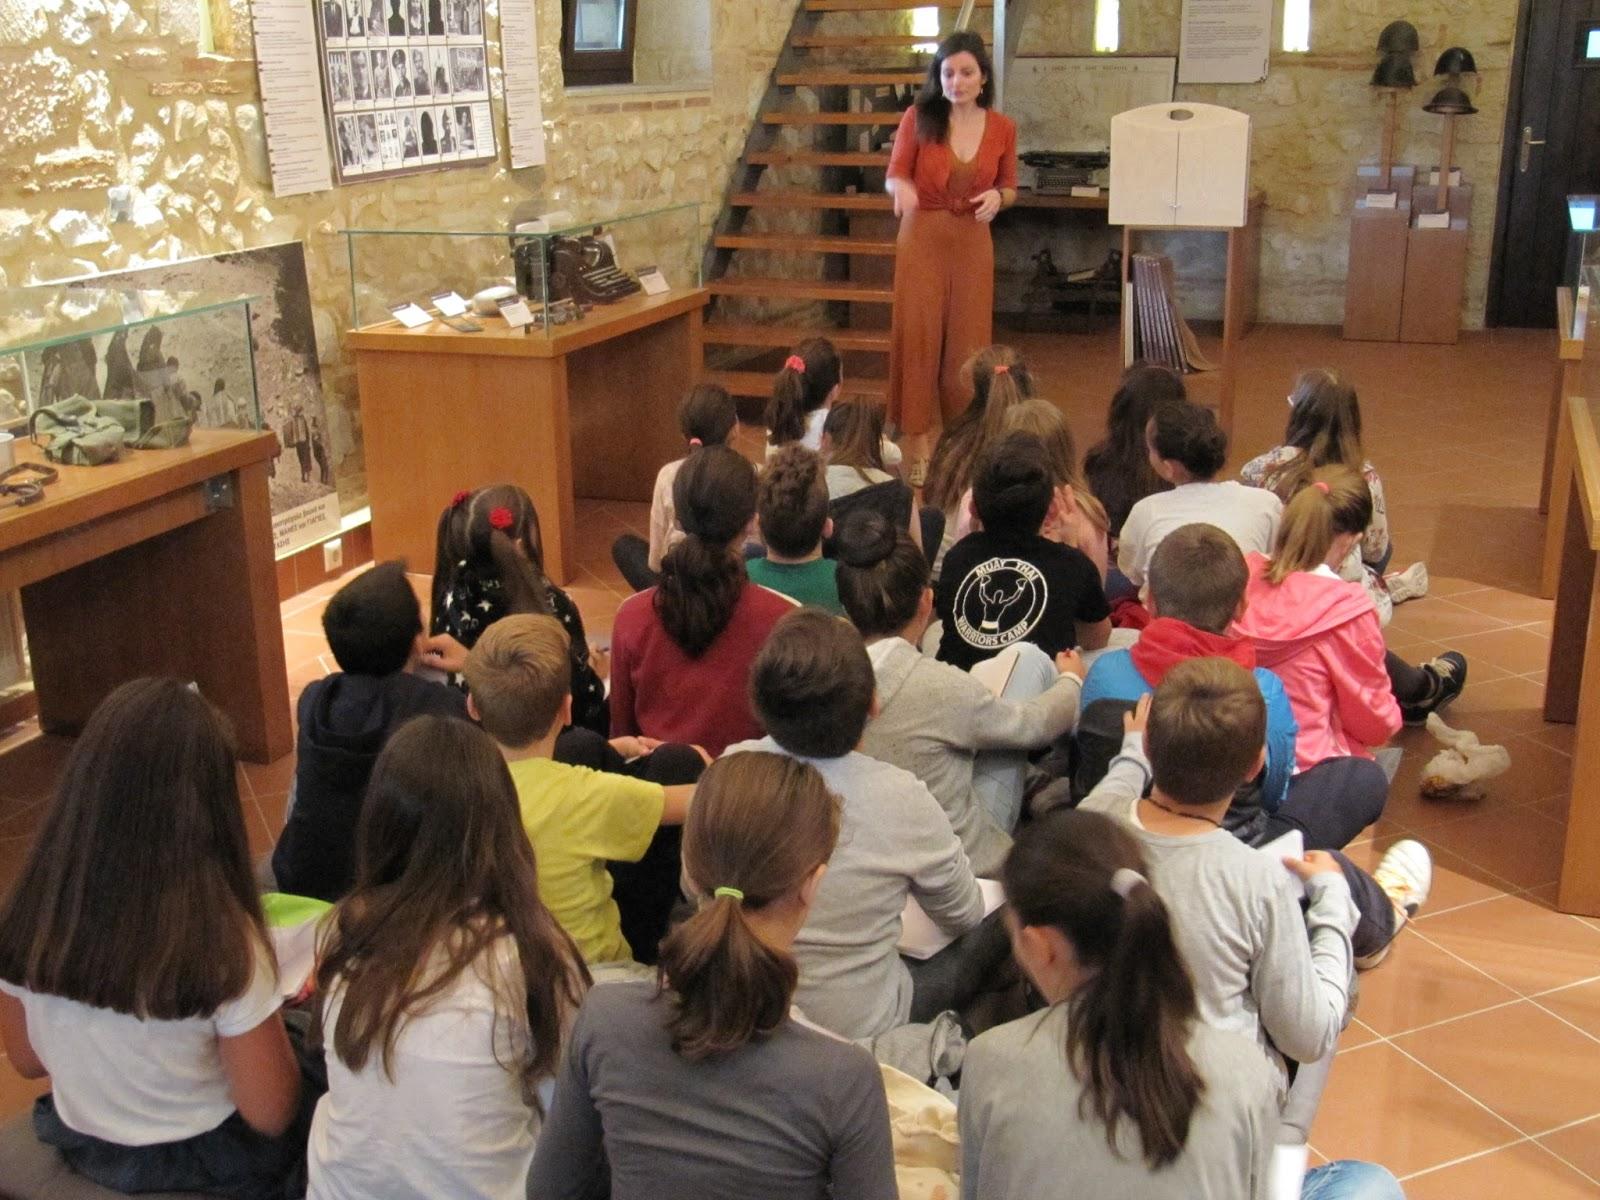 Επισκέψεις Δημοτικών Σχολείων στο Μουσείο Εθνικής Αντίστασης Λάρισας